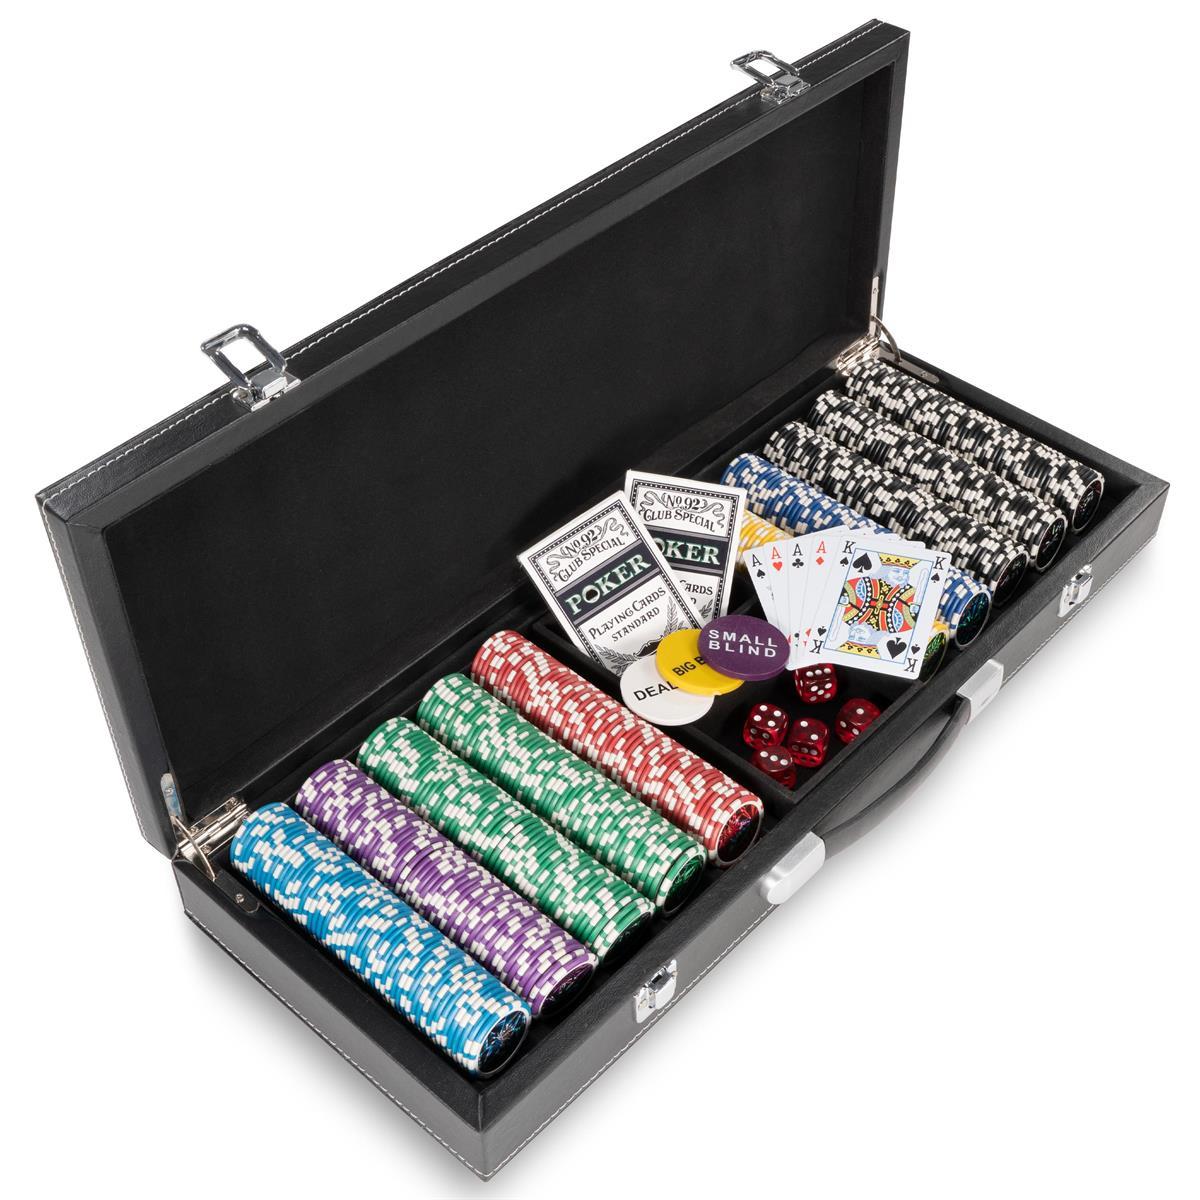 Pokerkoffer Leder Deluxe mit 500 Laser Chips 12 g abgerundet Pokerset